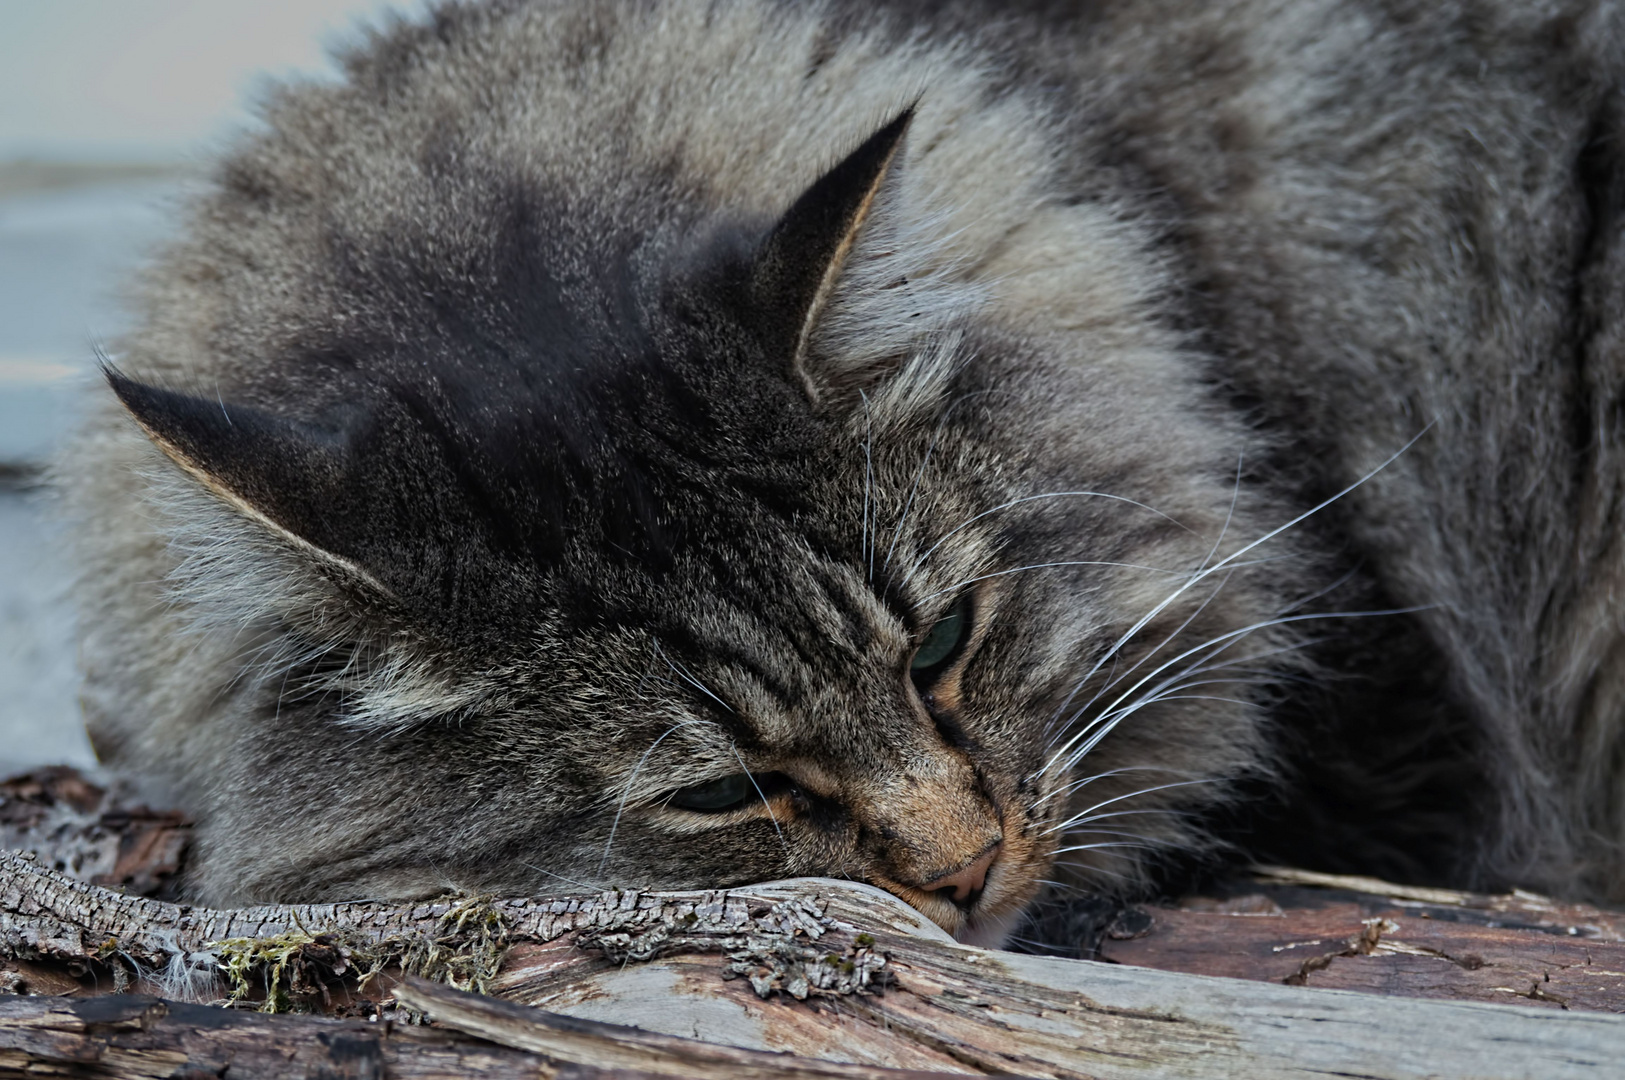 warten foto bild katzen tiere haustiere bilder auf fotocommunity. Black Bedroom Furniture Sets. Home Design Ideas